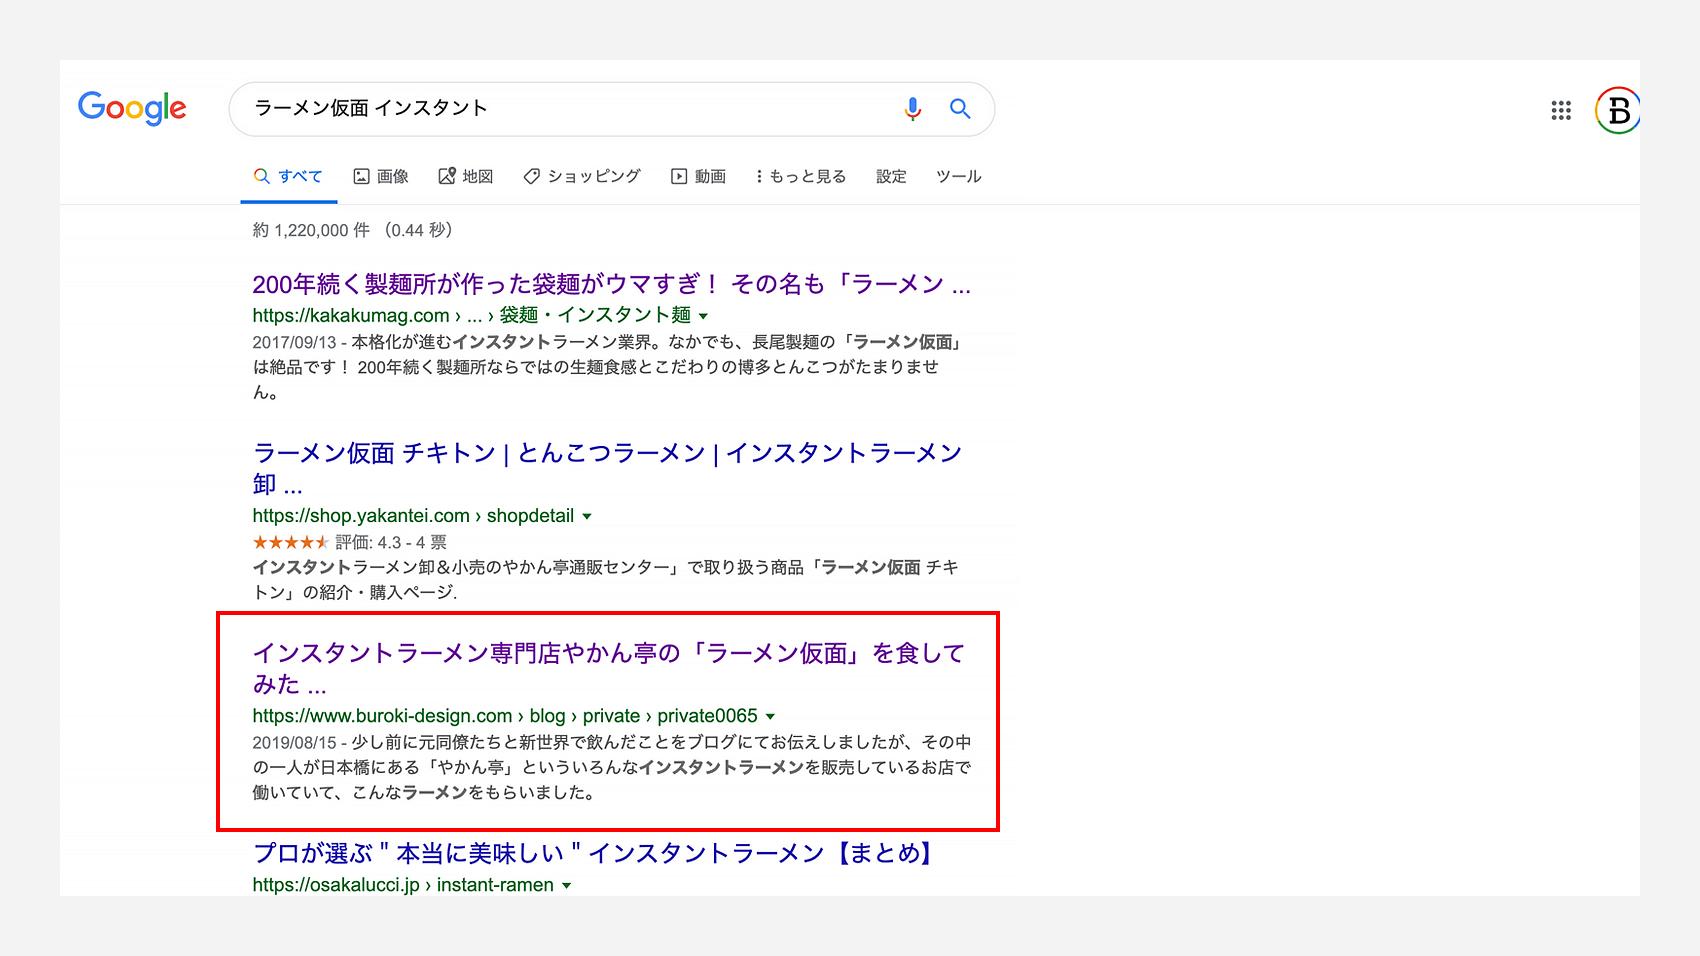 ラーメン仮面 インスタントで検索した場合の剣閣結果画面